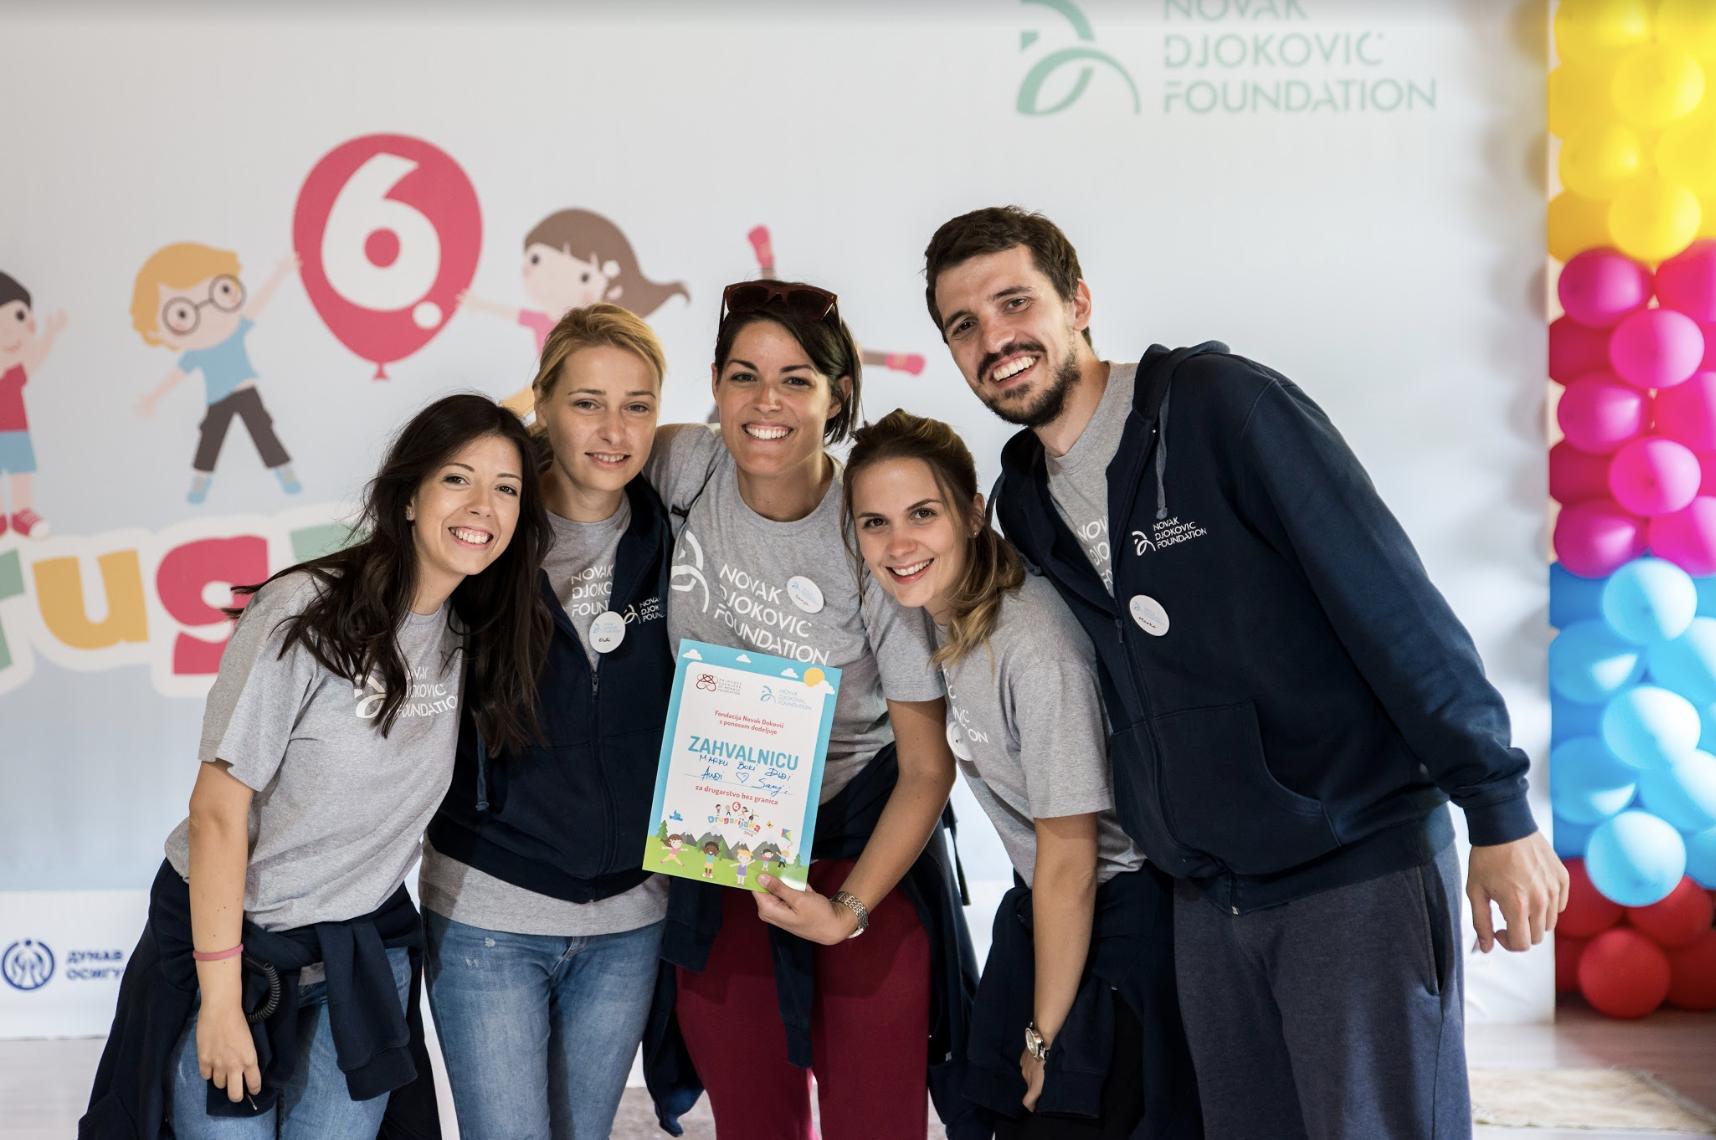 Projektni tim Fondacije na Drugarijadi 2018